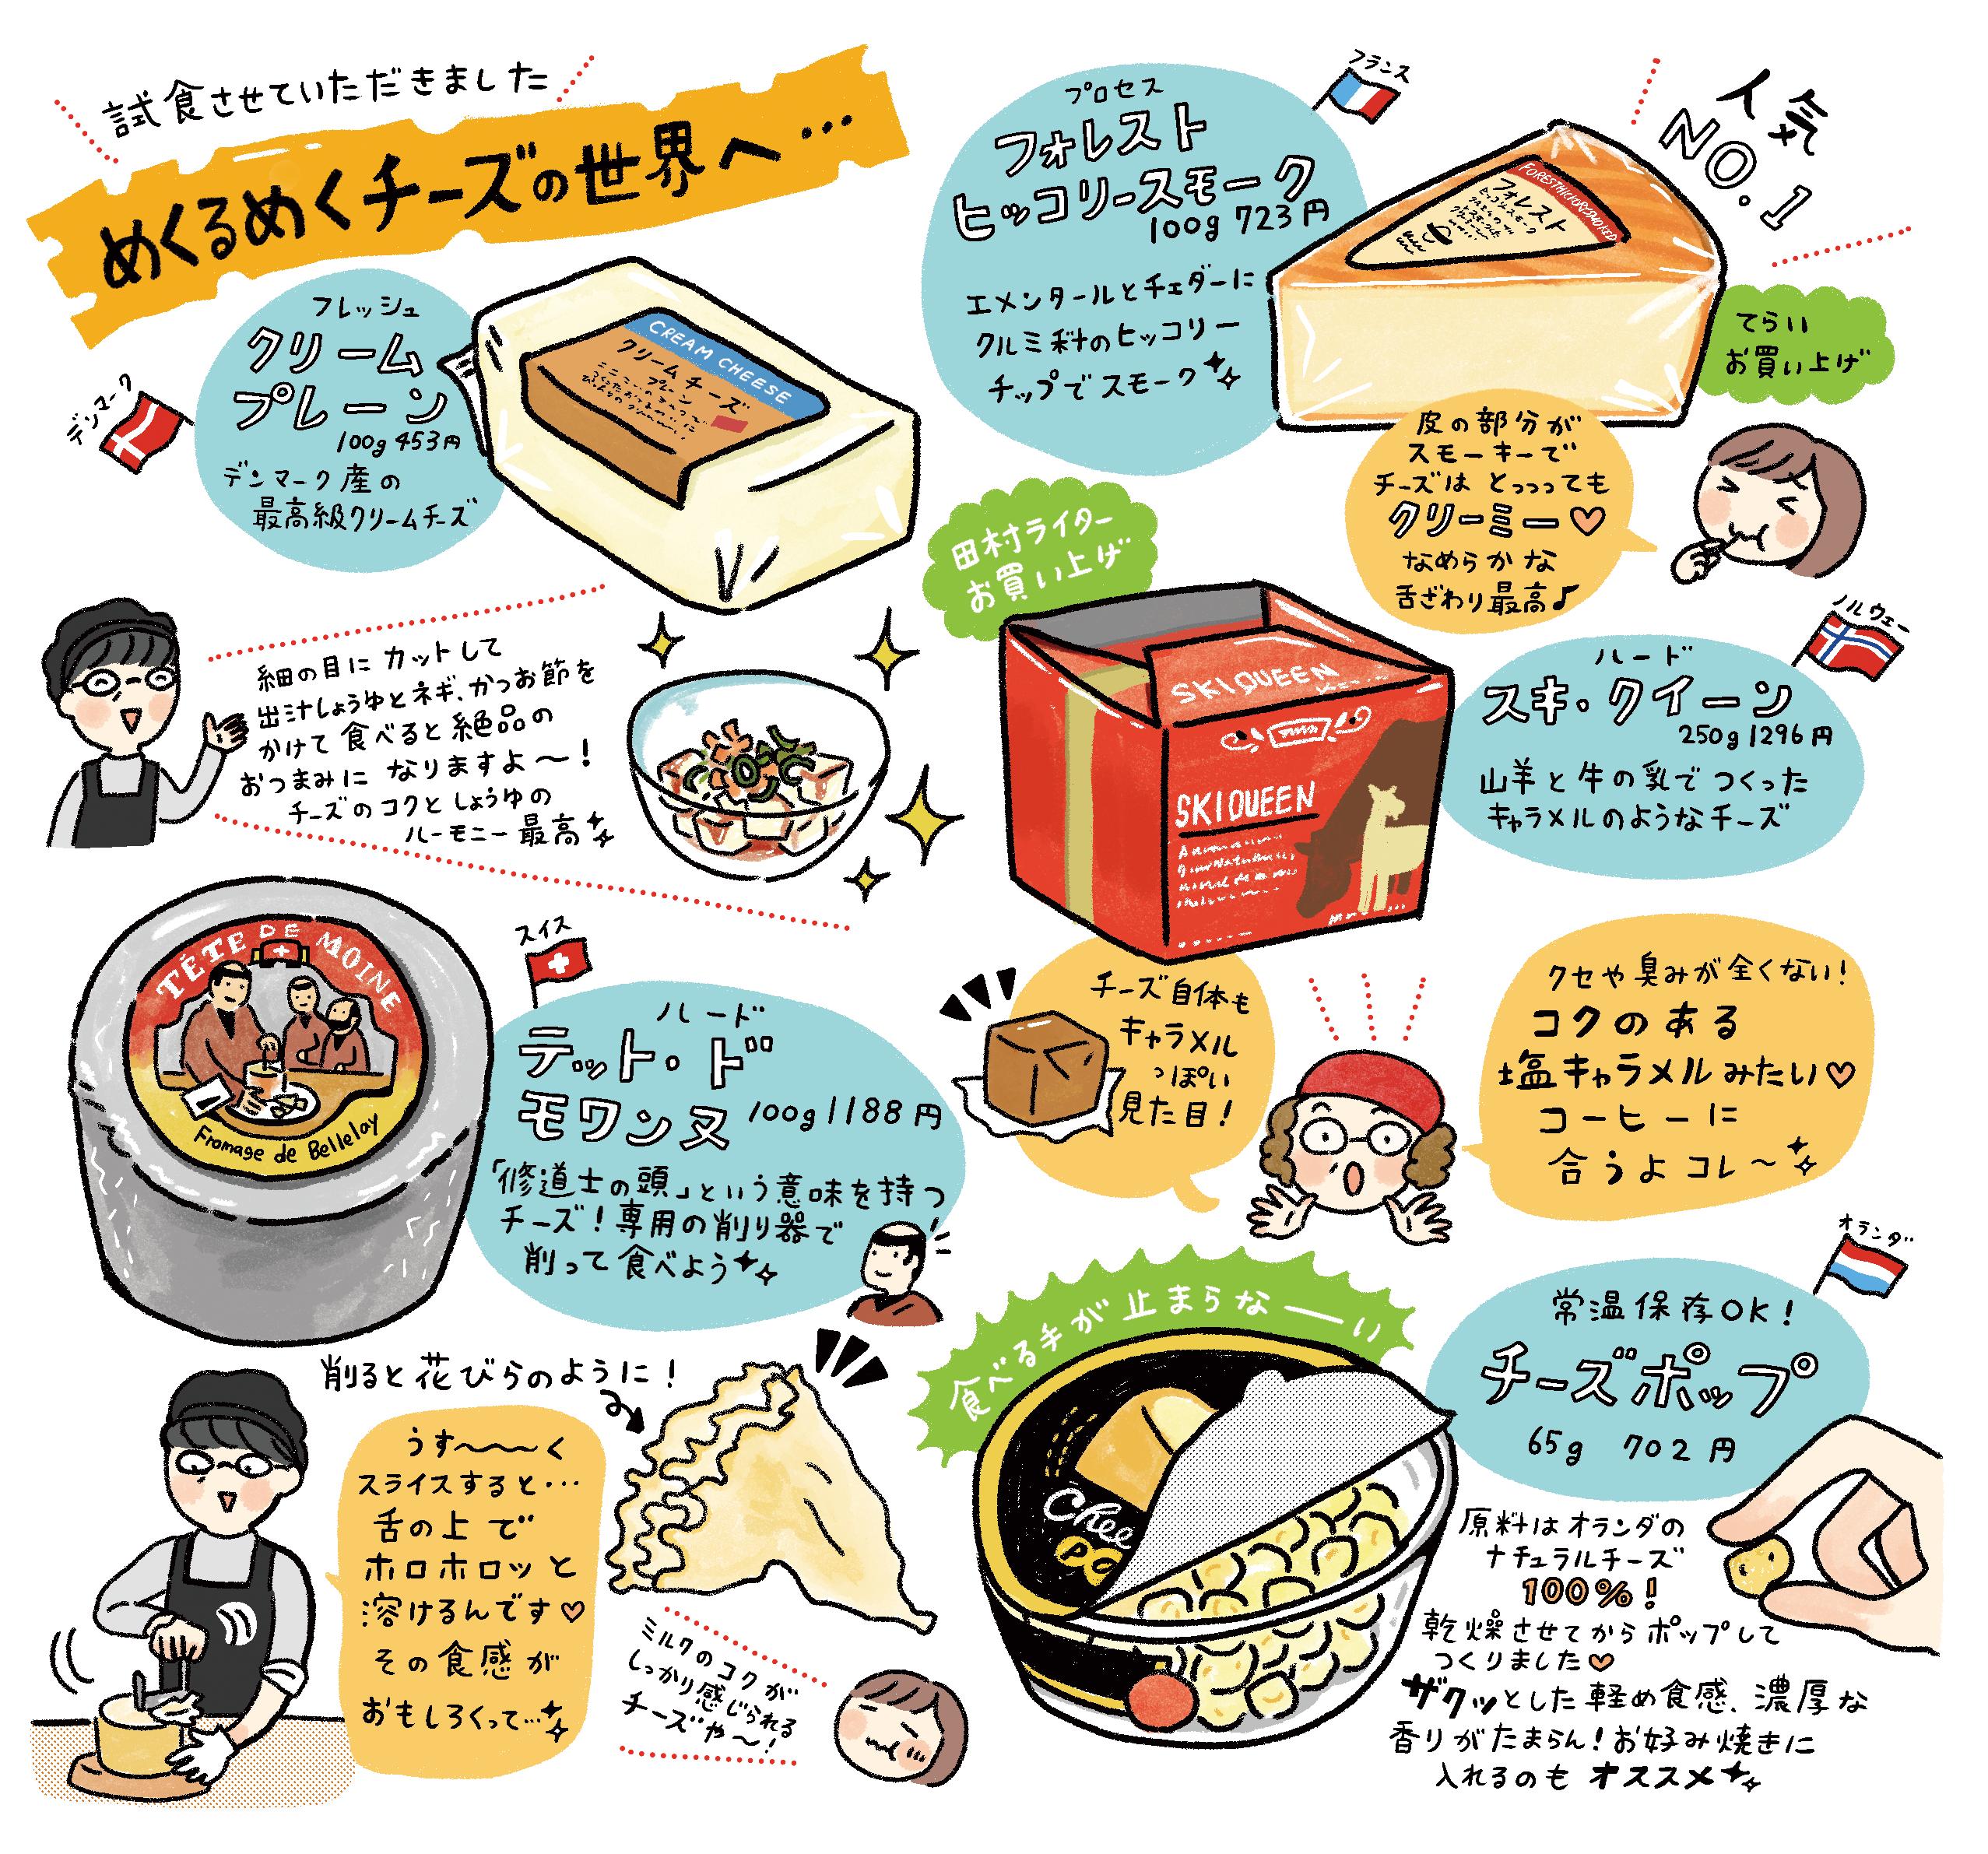 「関西ウォーカー」6号 チーズ特集イラストエッセイ<KADOKAWA>